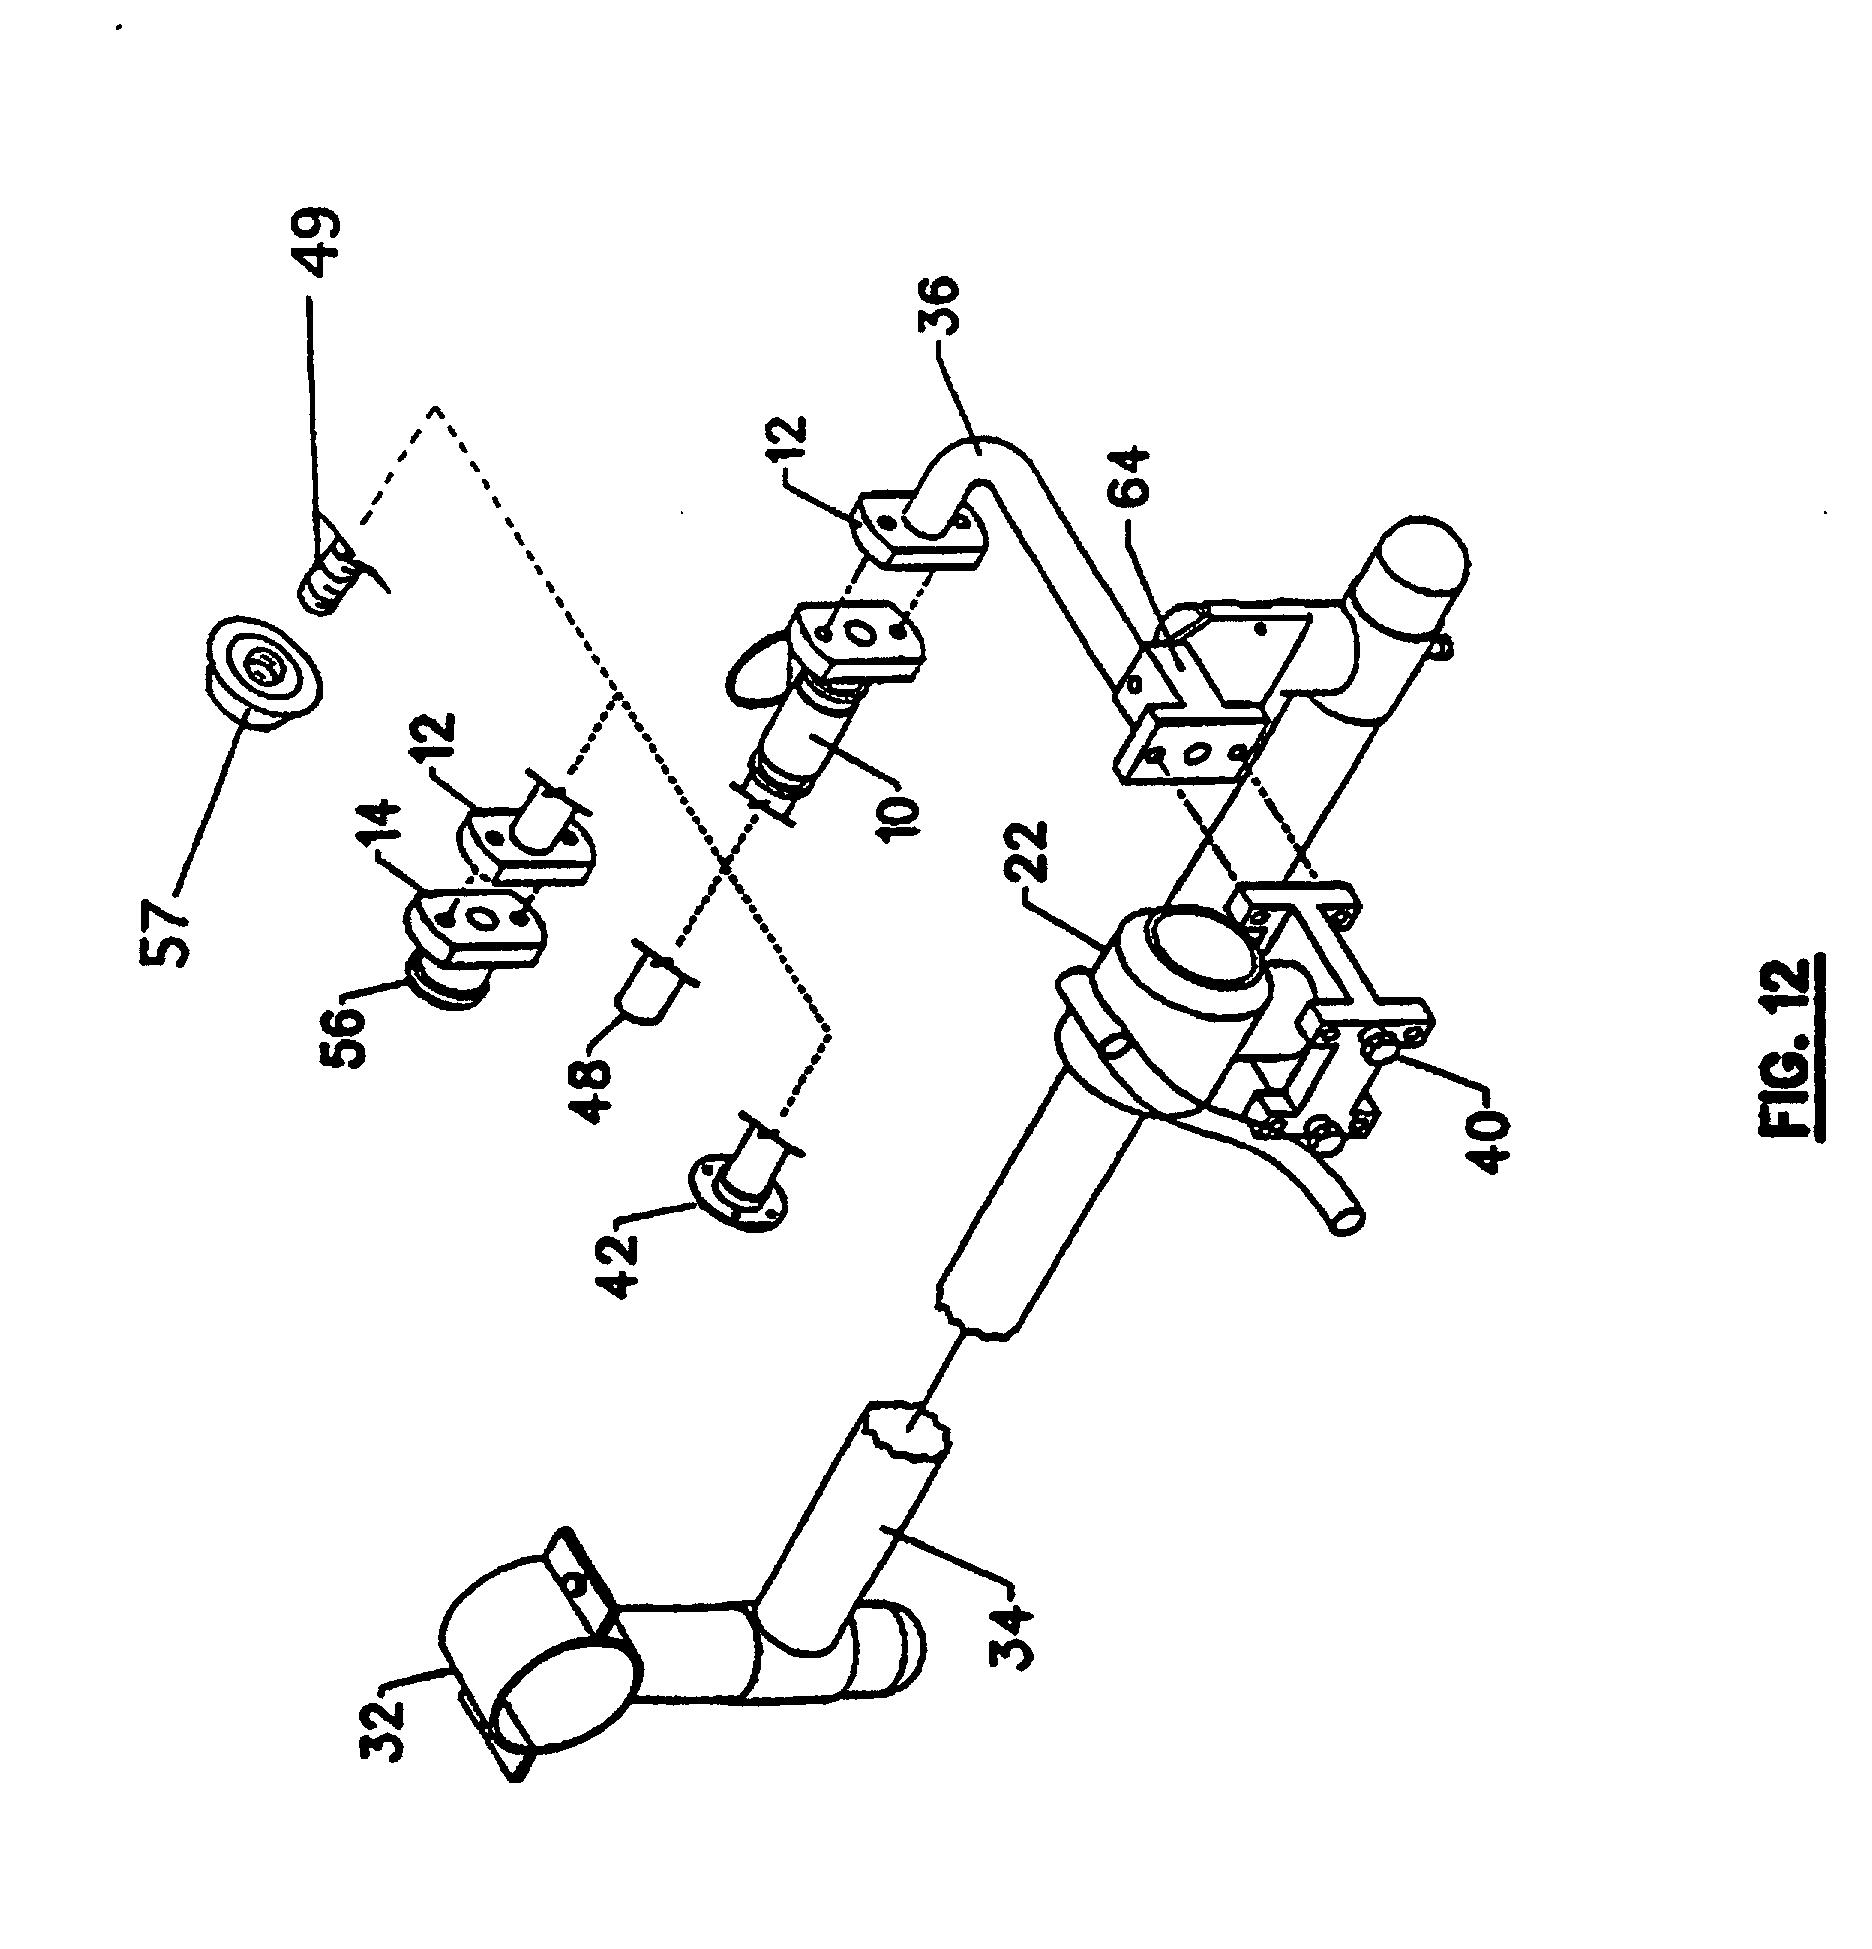 Hook up pneumatic instrument hook up software